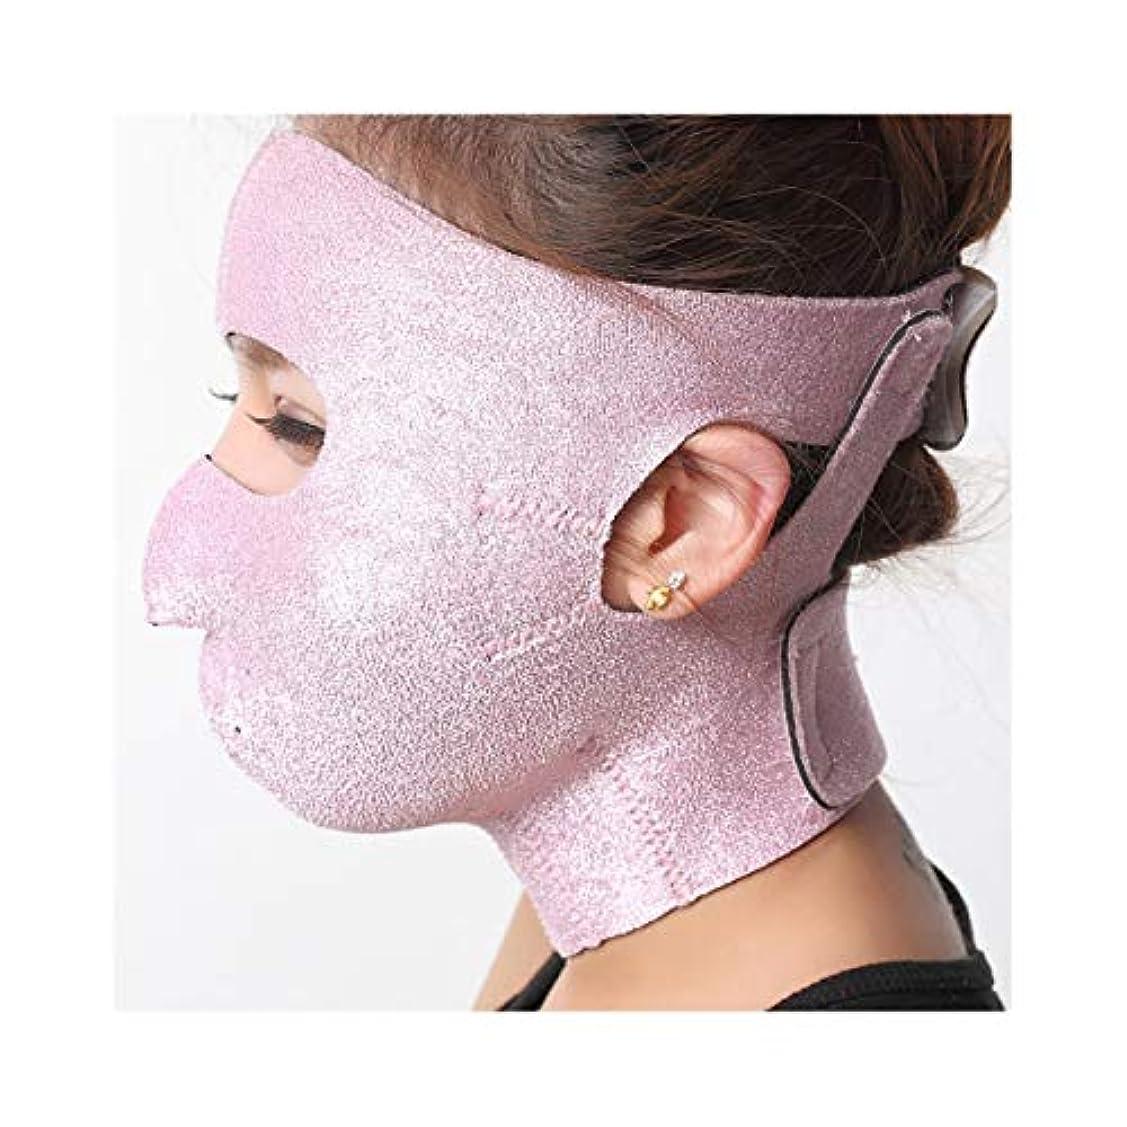 方言カーフブームTLMY 引き締めマスク小さなVフェイスアーティファクト睡眠薄いフェイス包帯マスクと引き締めマスク引き締めクリームフェイスリフトフェイスメロン 顔用整形マスク